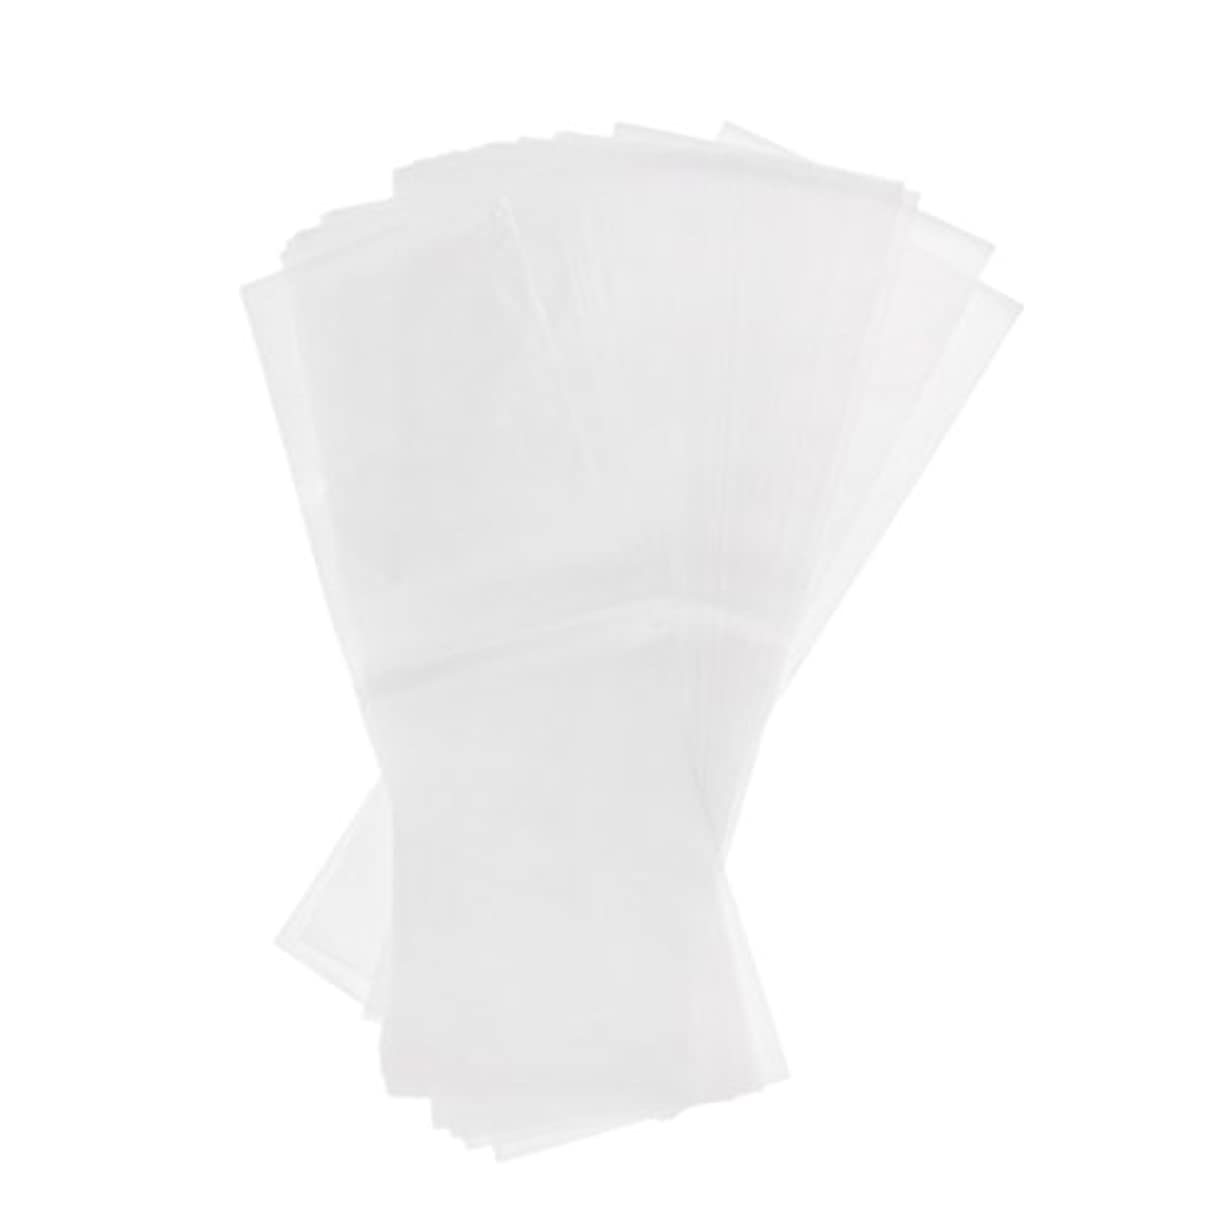 削除する受動的豊富なKesoto 約50枚 プラスチック製 染毛紙 ハイライト サロン 毛染め紙 ハイライトシート 再利用可能 2仕様選べ - ホワイト